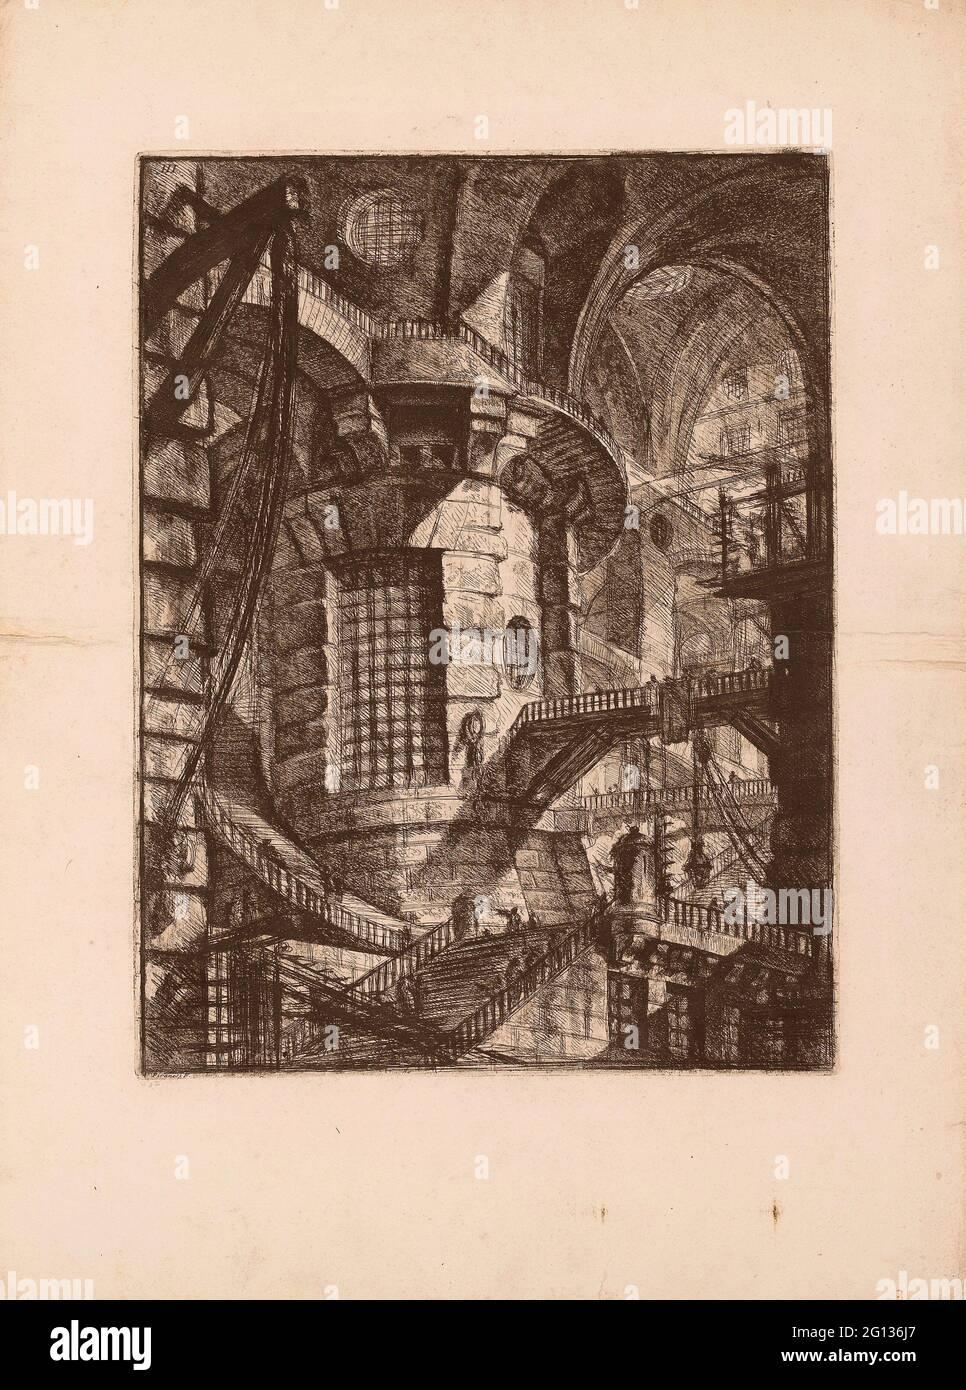 Auteur: Giovanni Battista Piranesi. La Tour ronde, plaque 3 des prisons imaginaires - 1761 - Giovanni Battista Piranesi Italien, 1720-1778. Gravure Banque D'Images